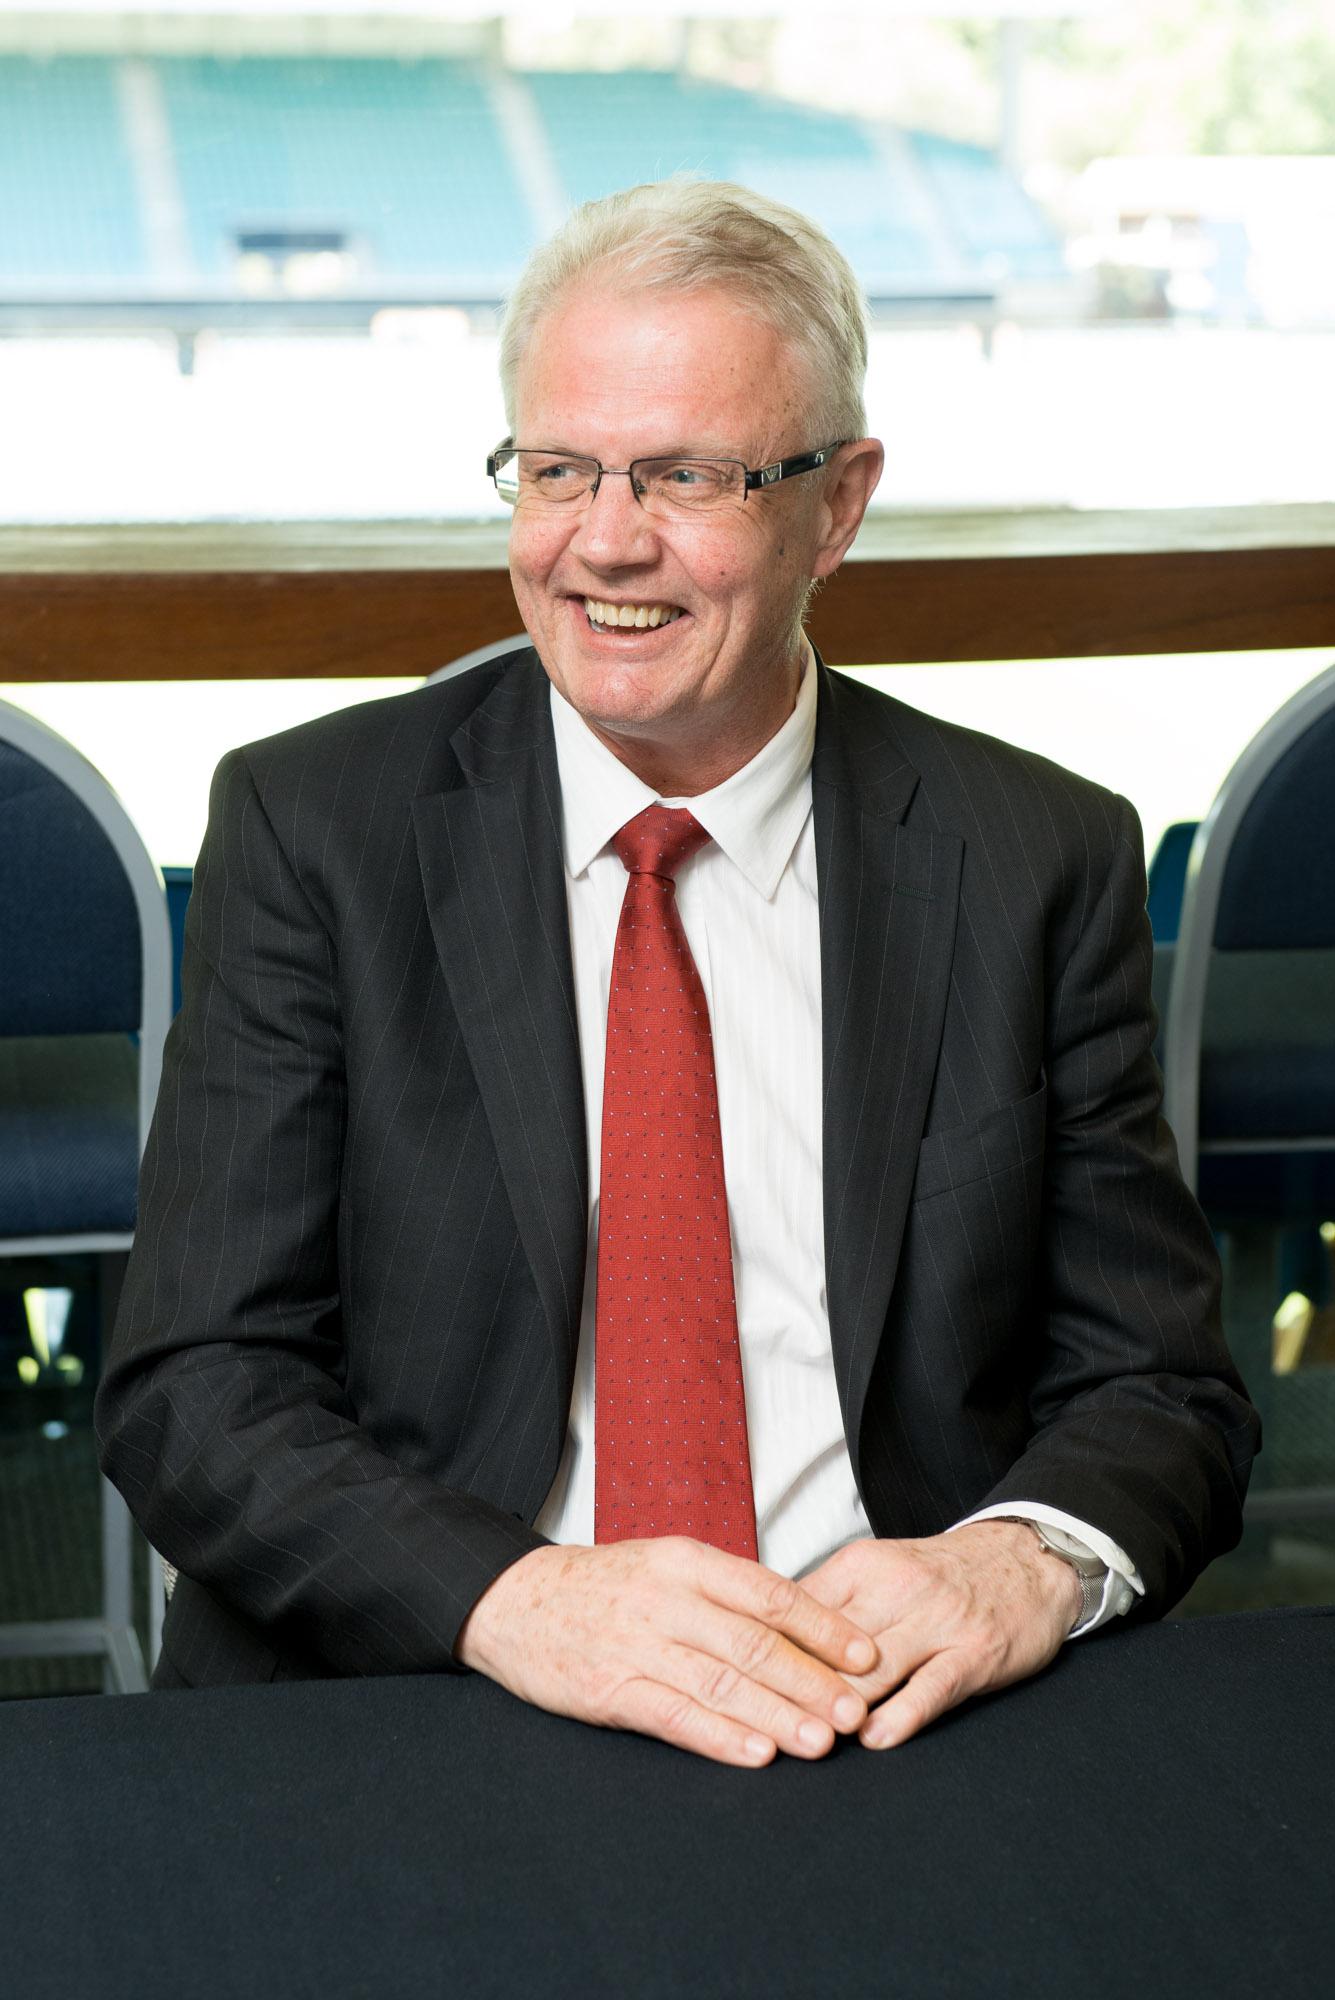 Craig Gallagher